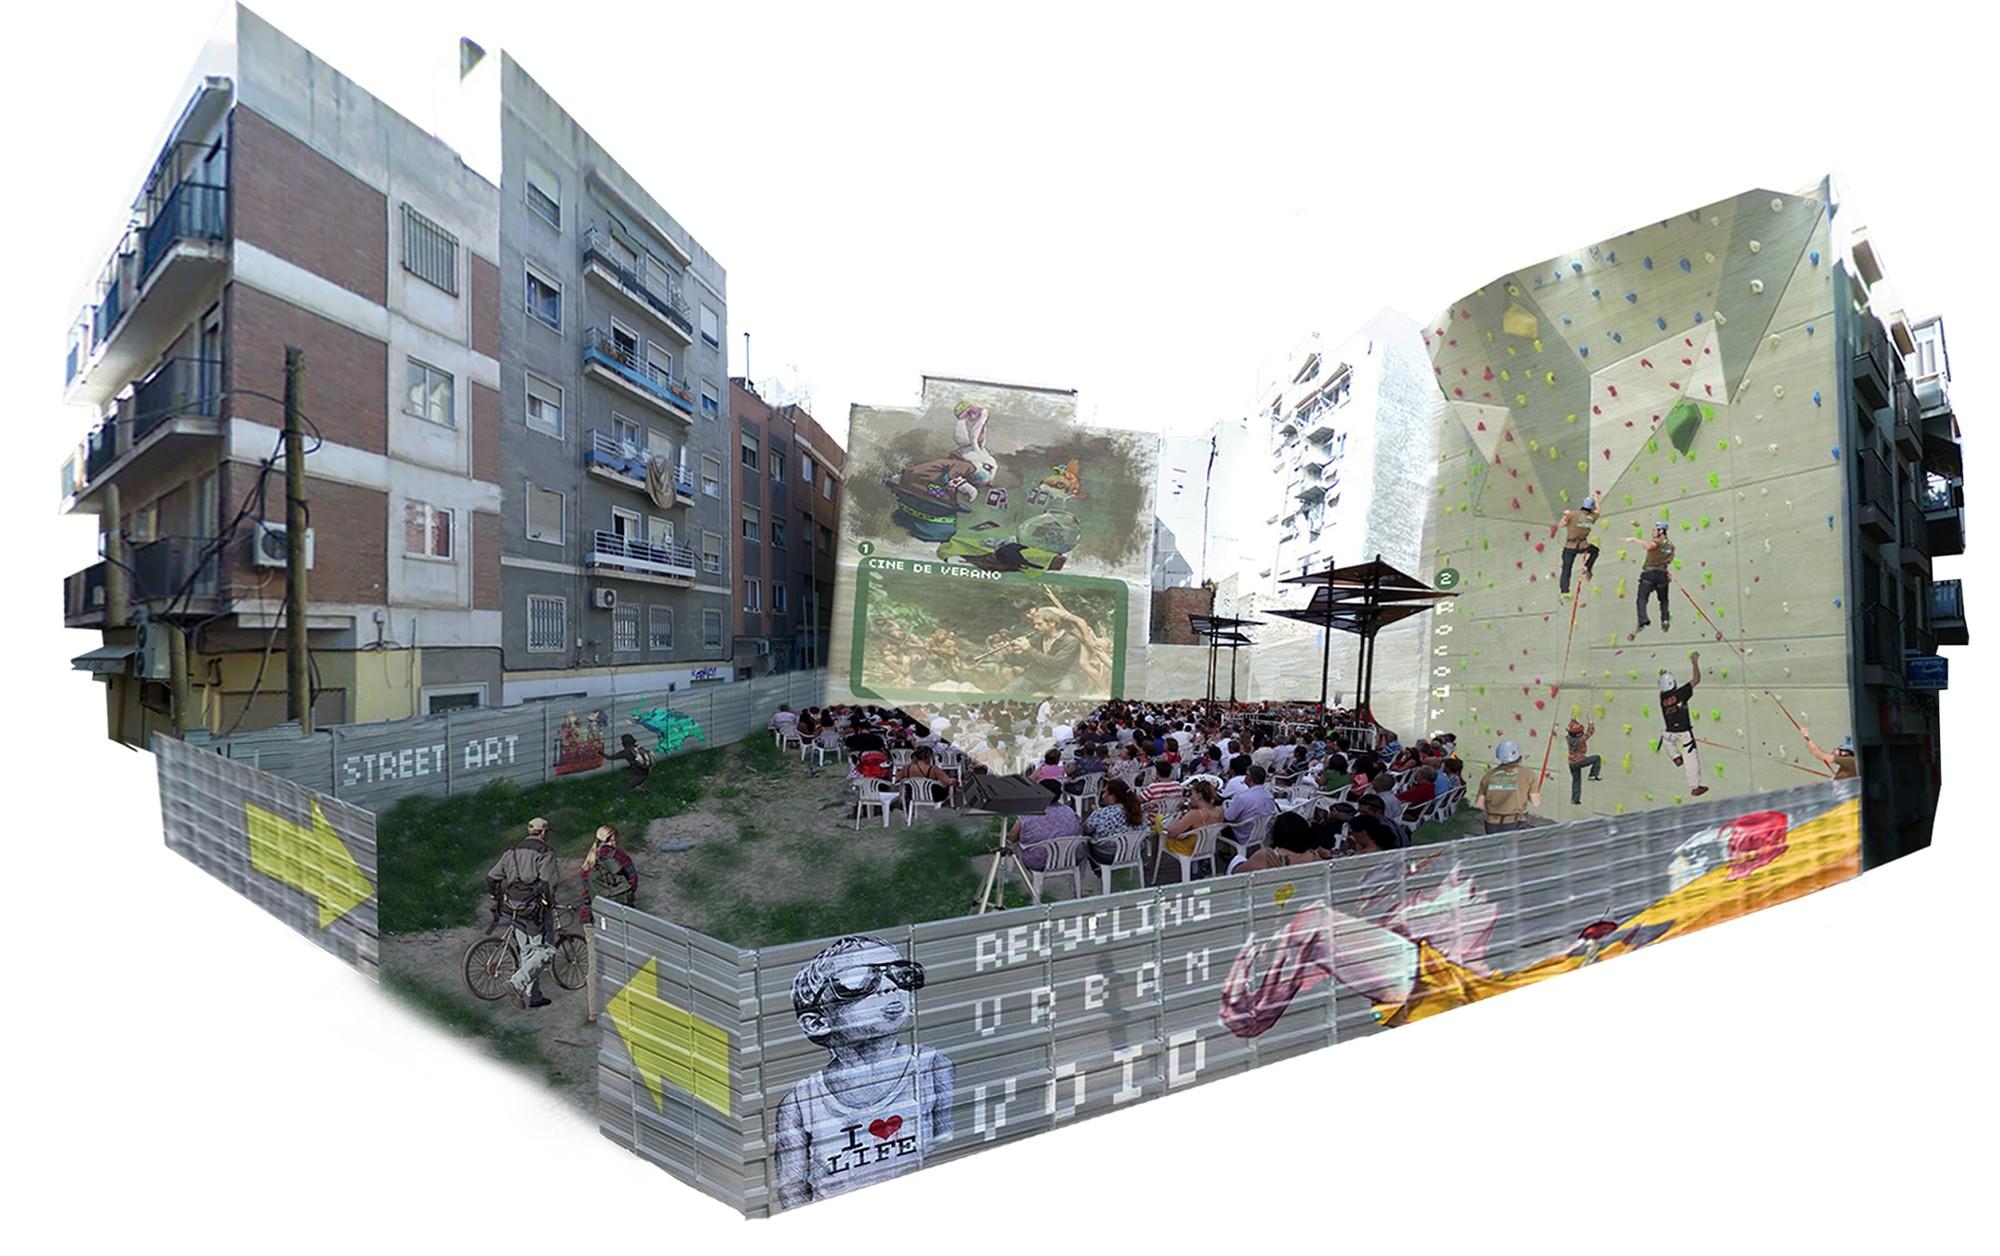 Proponen recuperar vacíos urbanos para estimular la reactivación económica en España, Murcia [Después]. Image Courtesy of Aula de Arquitectura Social AAS UCAM